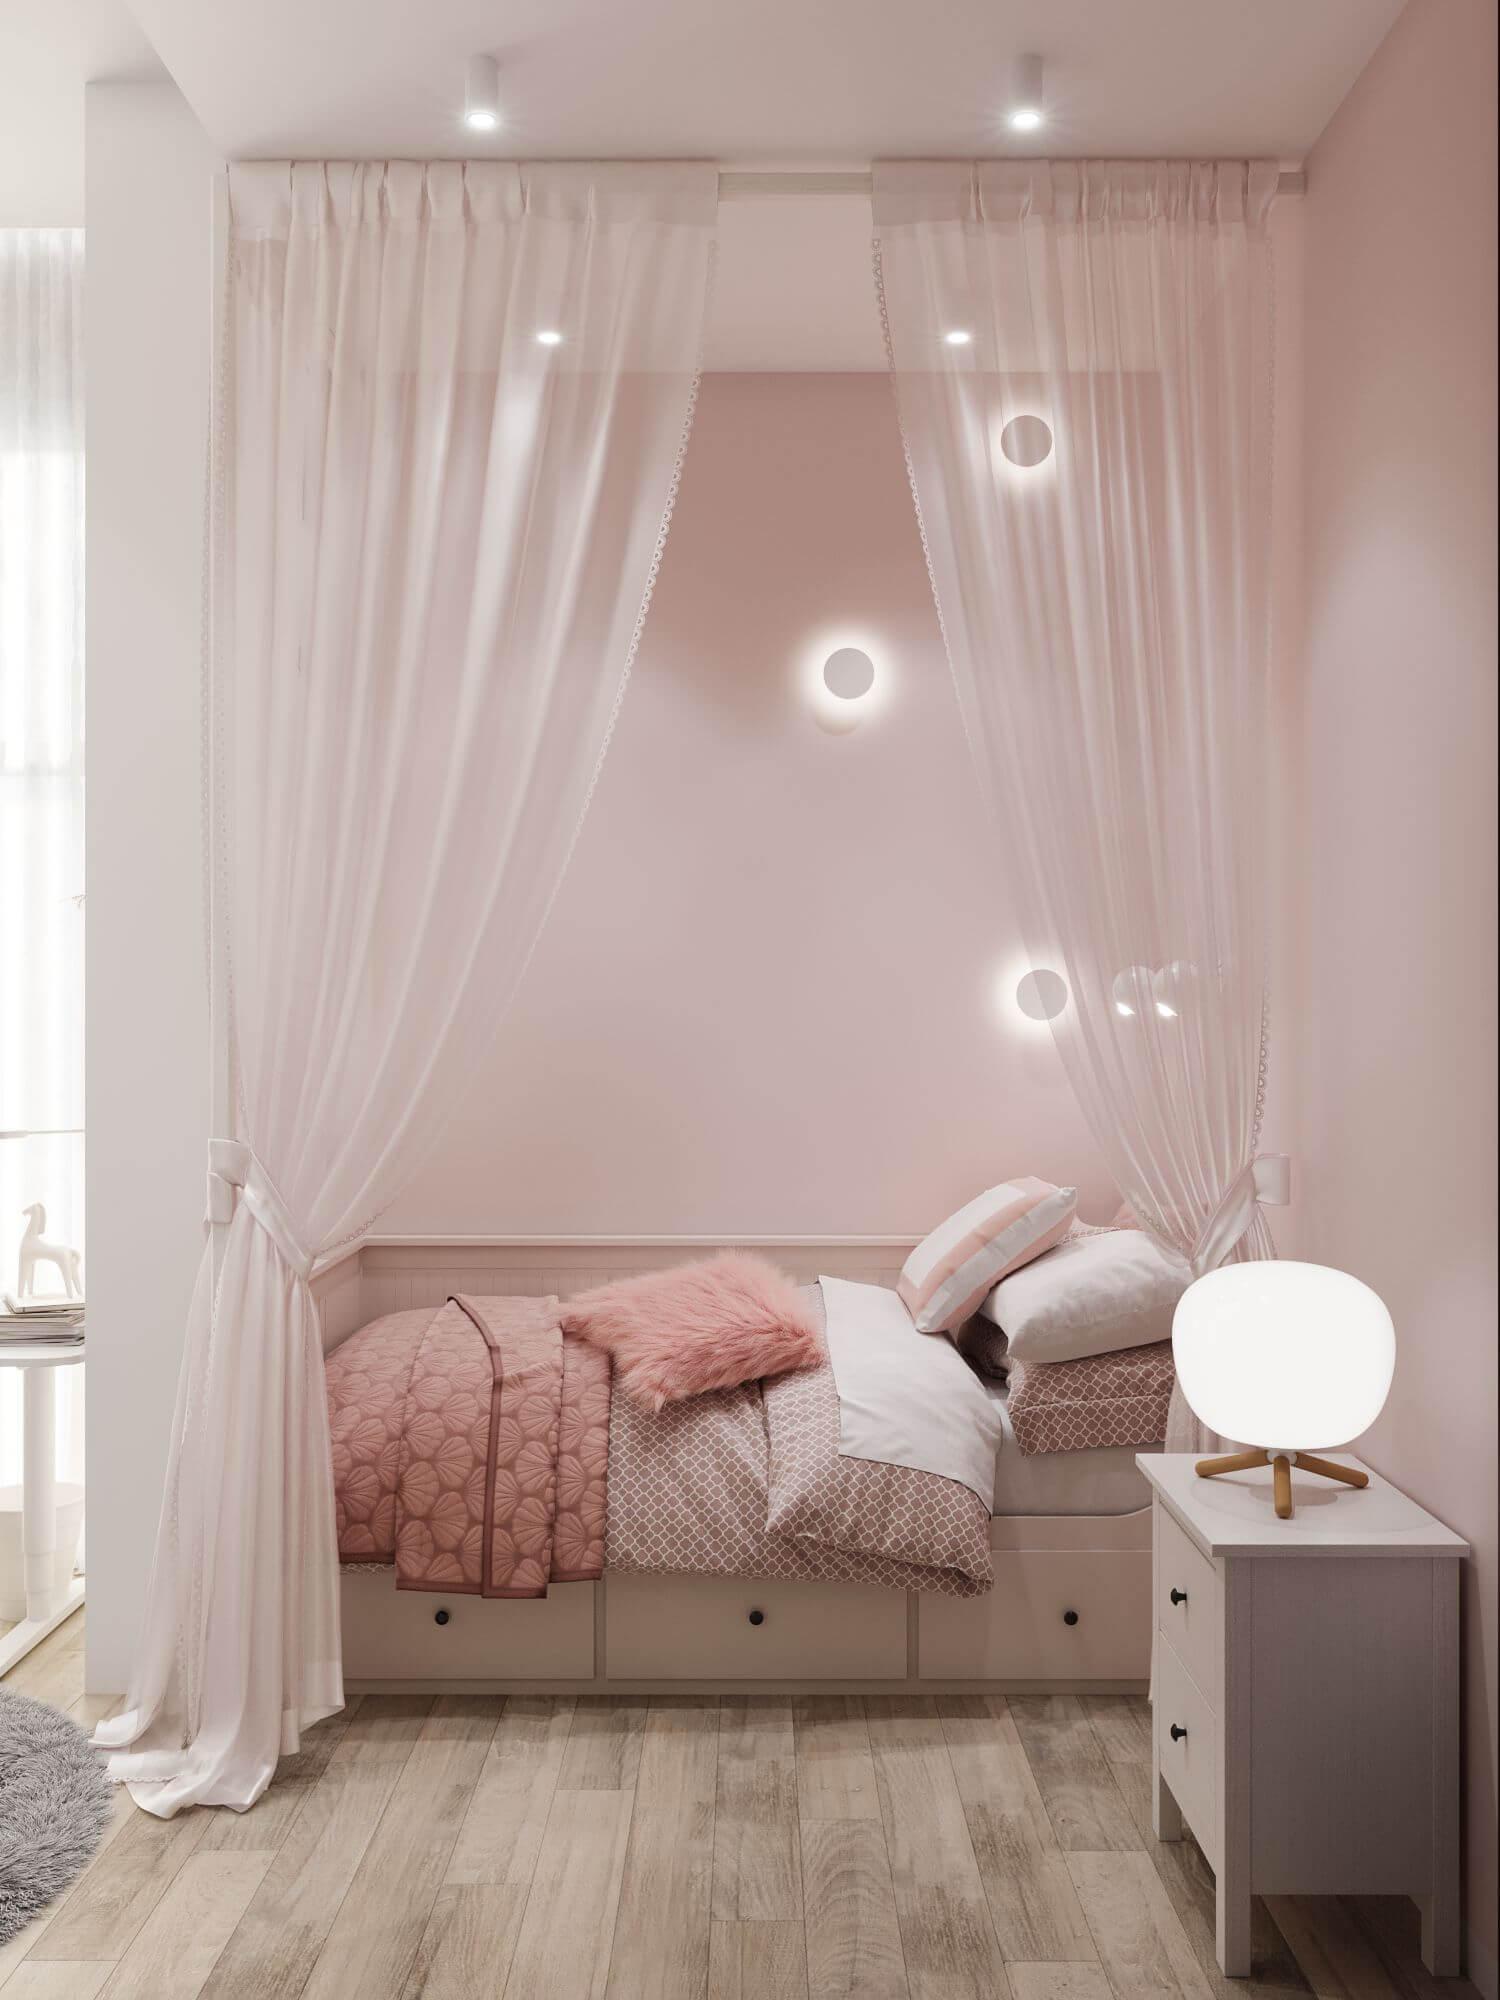 Дизайн детской комнаты. Зона отдыха Вид 2.